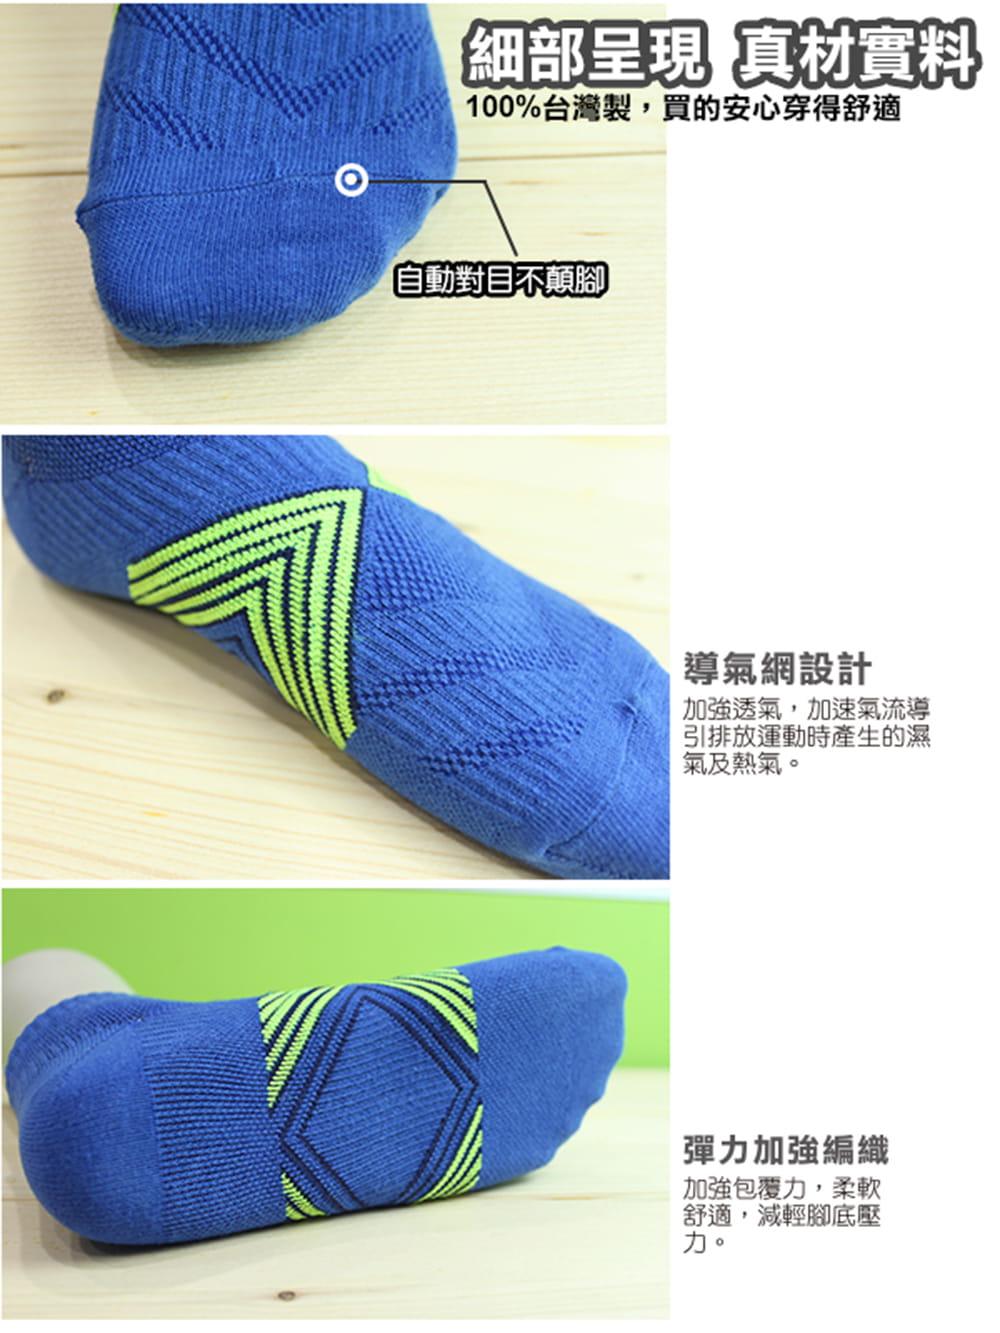 【老船長】(K144-6M)足弓輕壓機能運動襪-女款 3